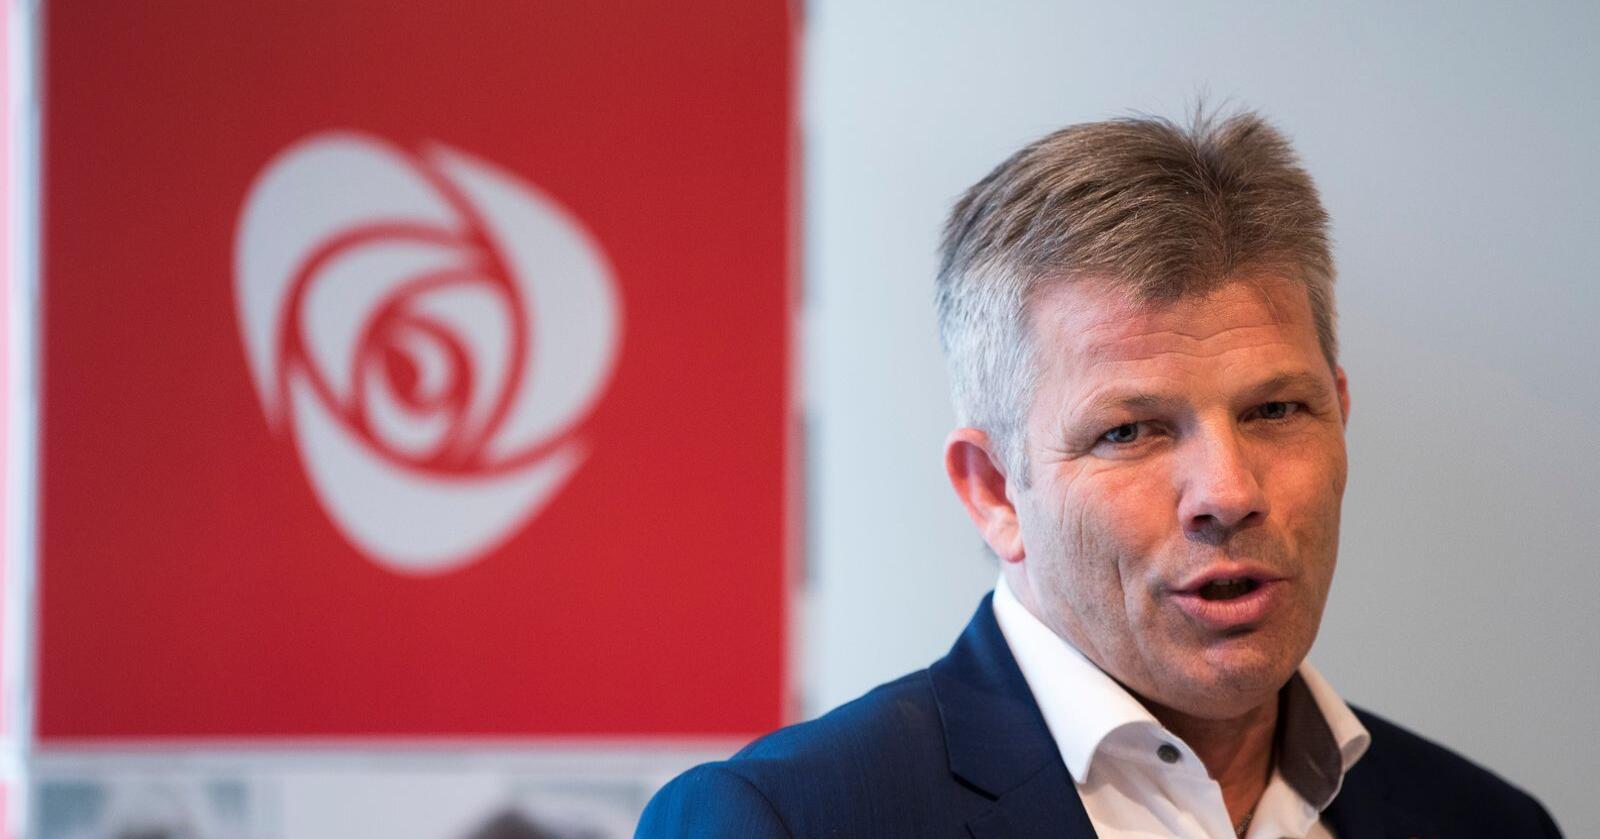 Bjørnar Skjæran er i dag nestleder i Ap. Nå vil han inn på Stortinget. Foto: Terje Pedersen / NTB scanpix